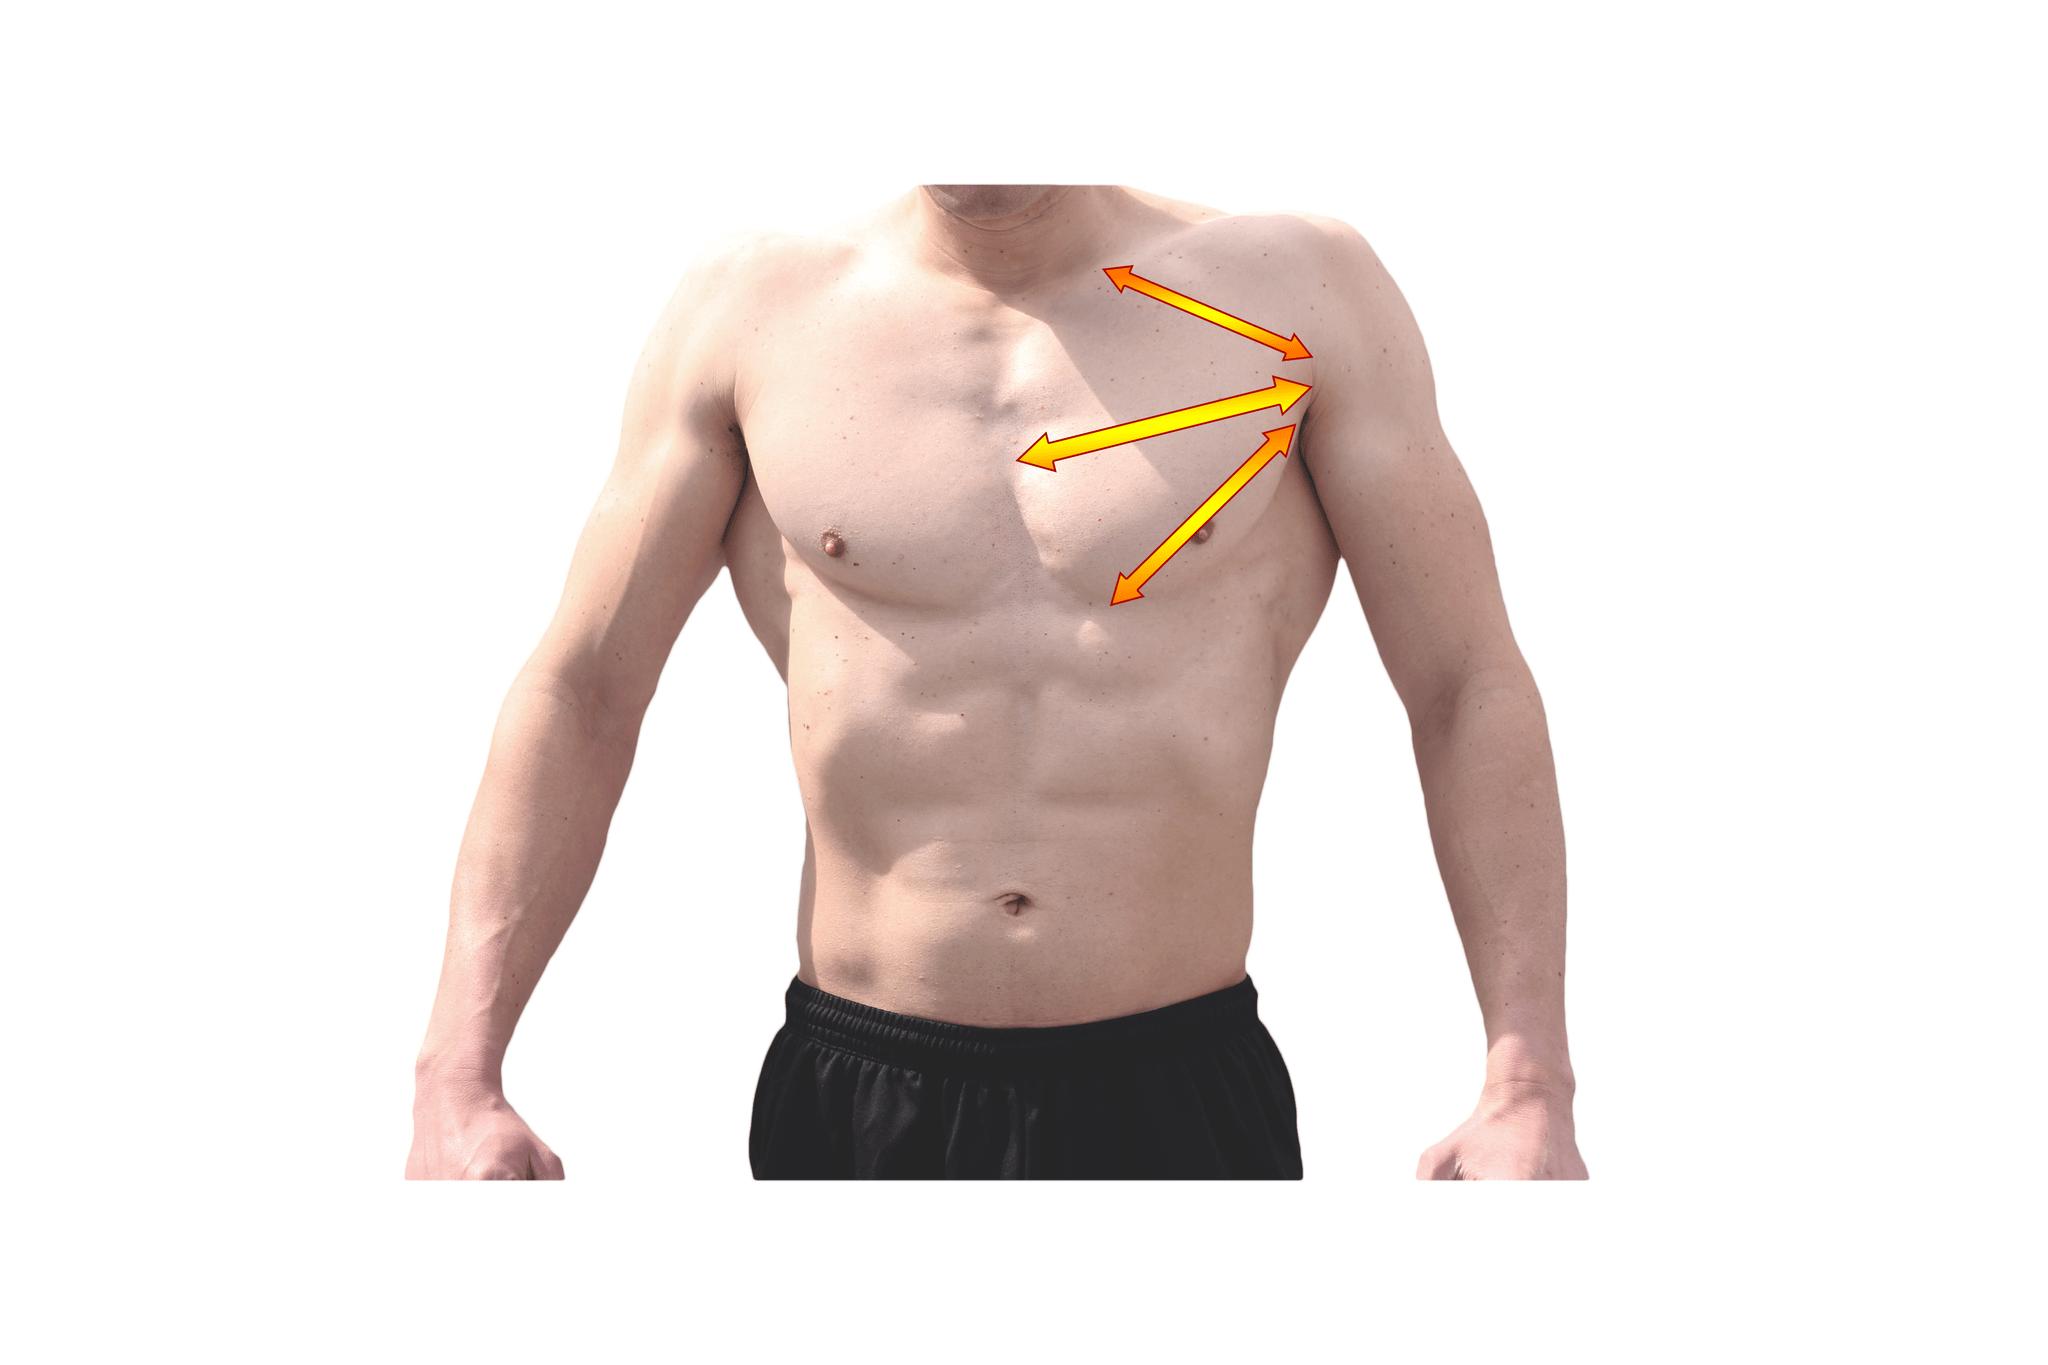 ホームトレで理想の男らしい胸板(大胸筋)をつくる8つのトレーニング方法